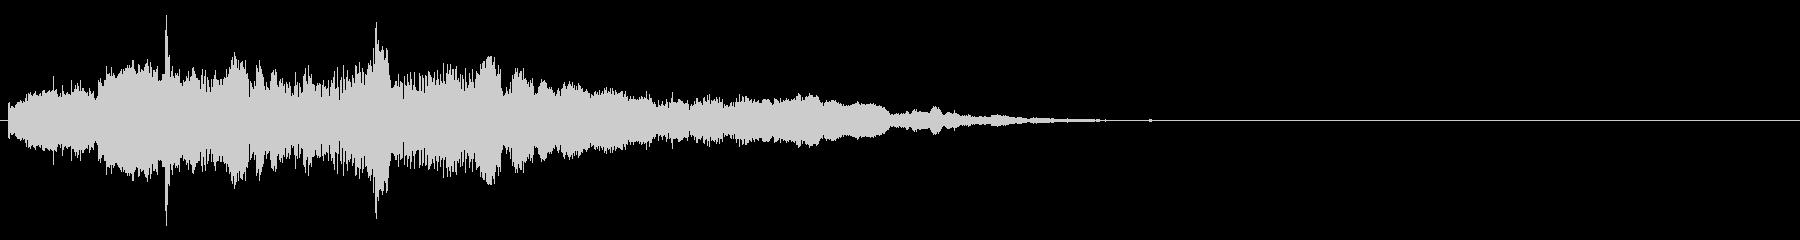 アイキャッチ 21の未再生の波形